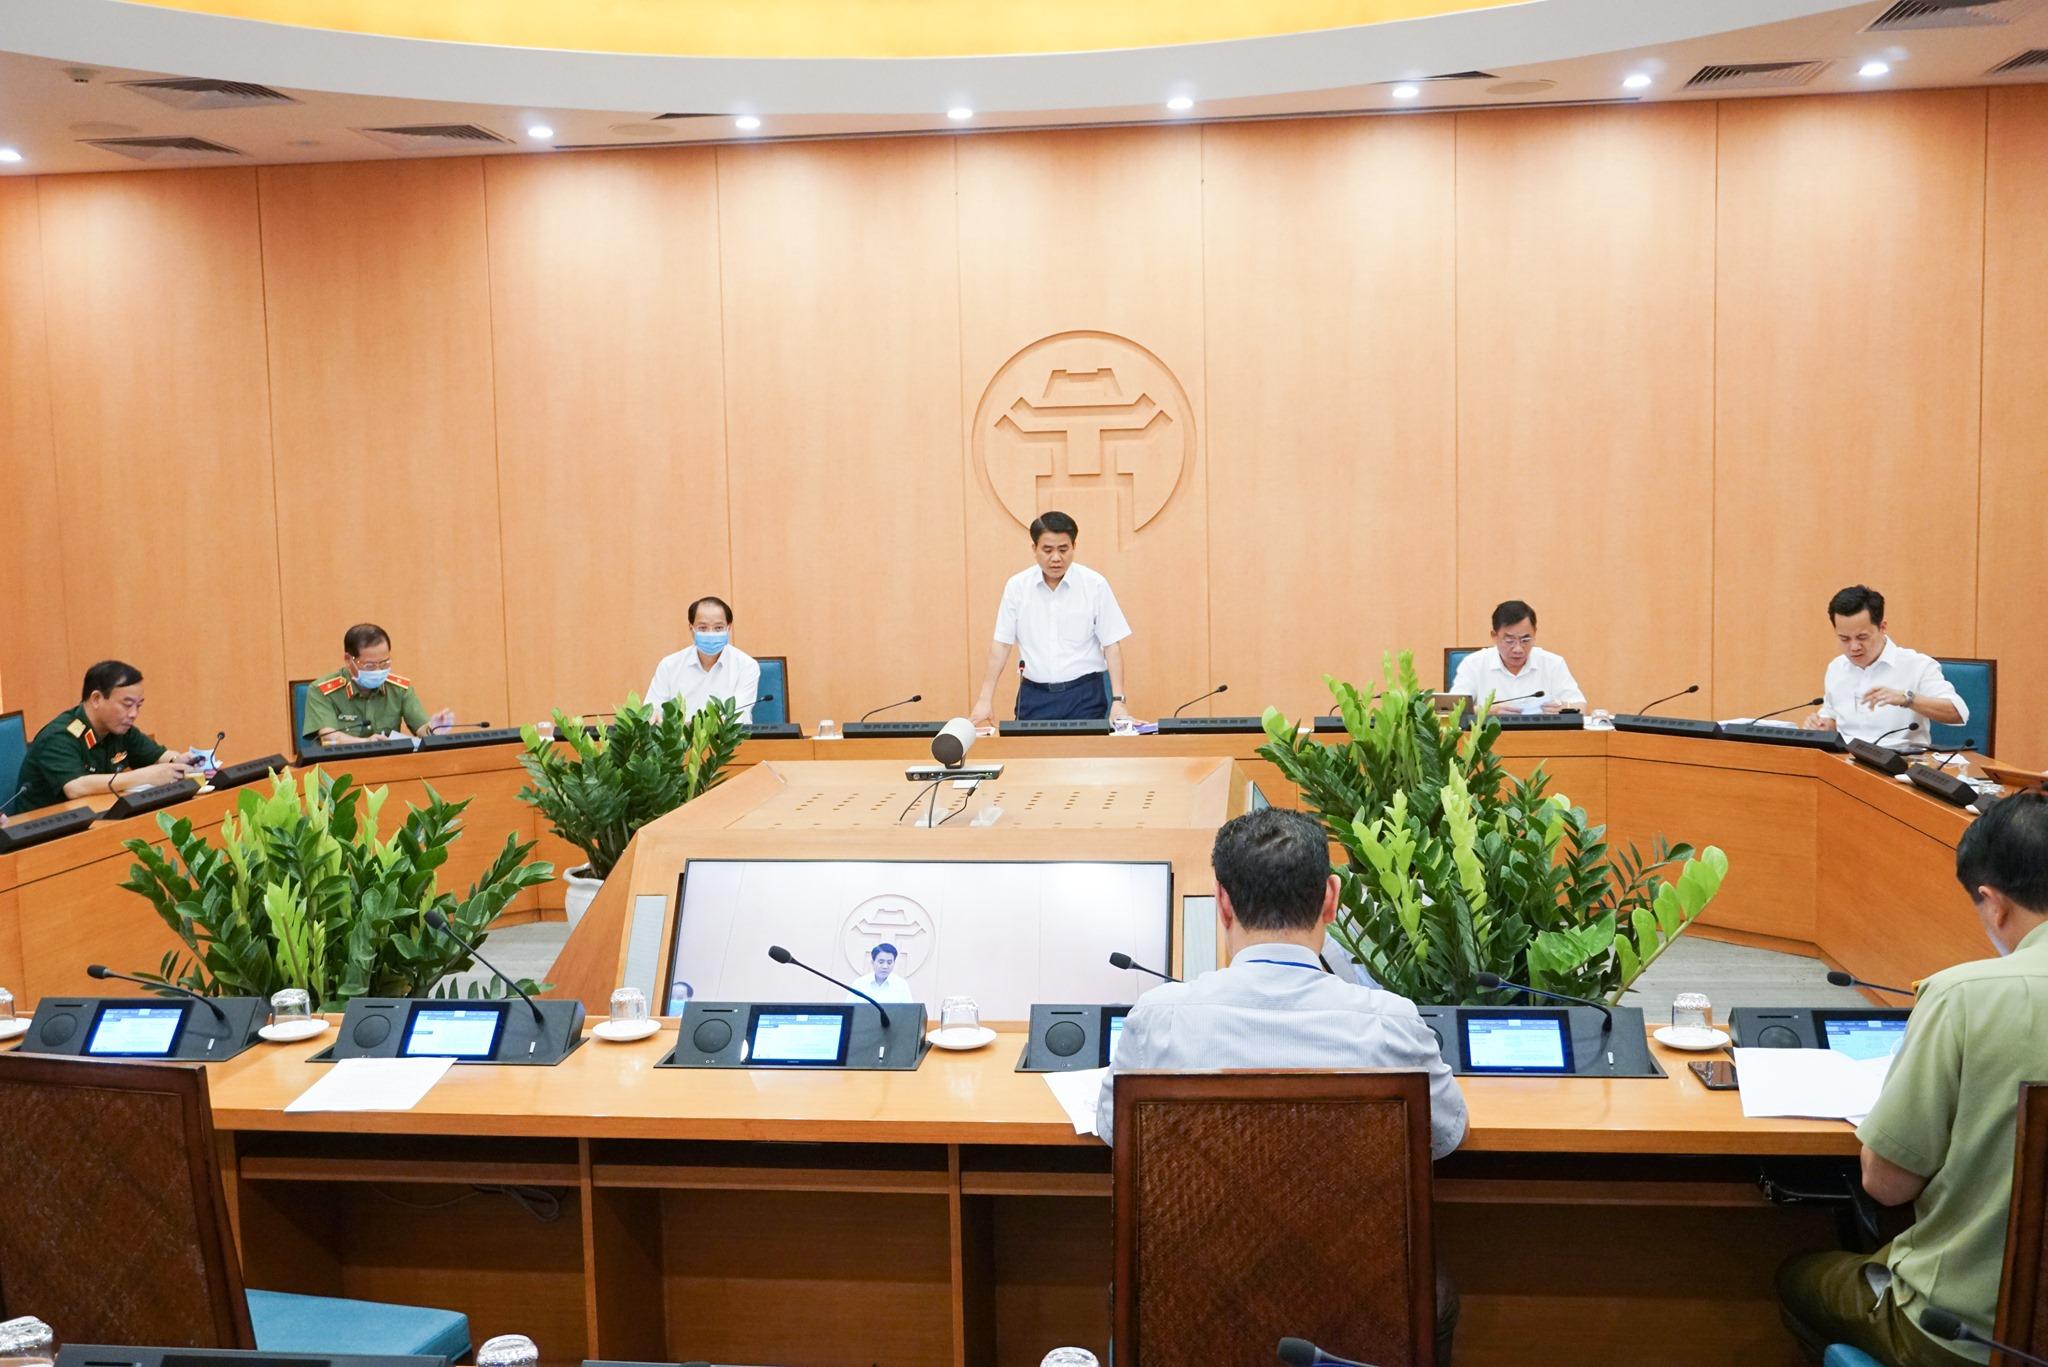 Chủ tịch Hà Nội cảnh báo khả năng xuất hiện đỉnh dịch thứ hai, dỡ lệnh phong tỏa Hạ Lôi vào 0h ngày 6/5 - Ảnh 1.